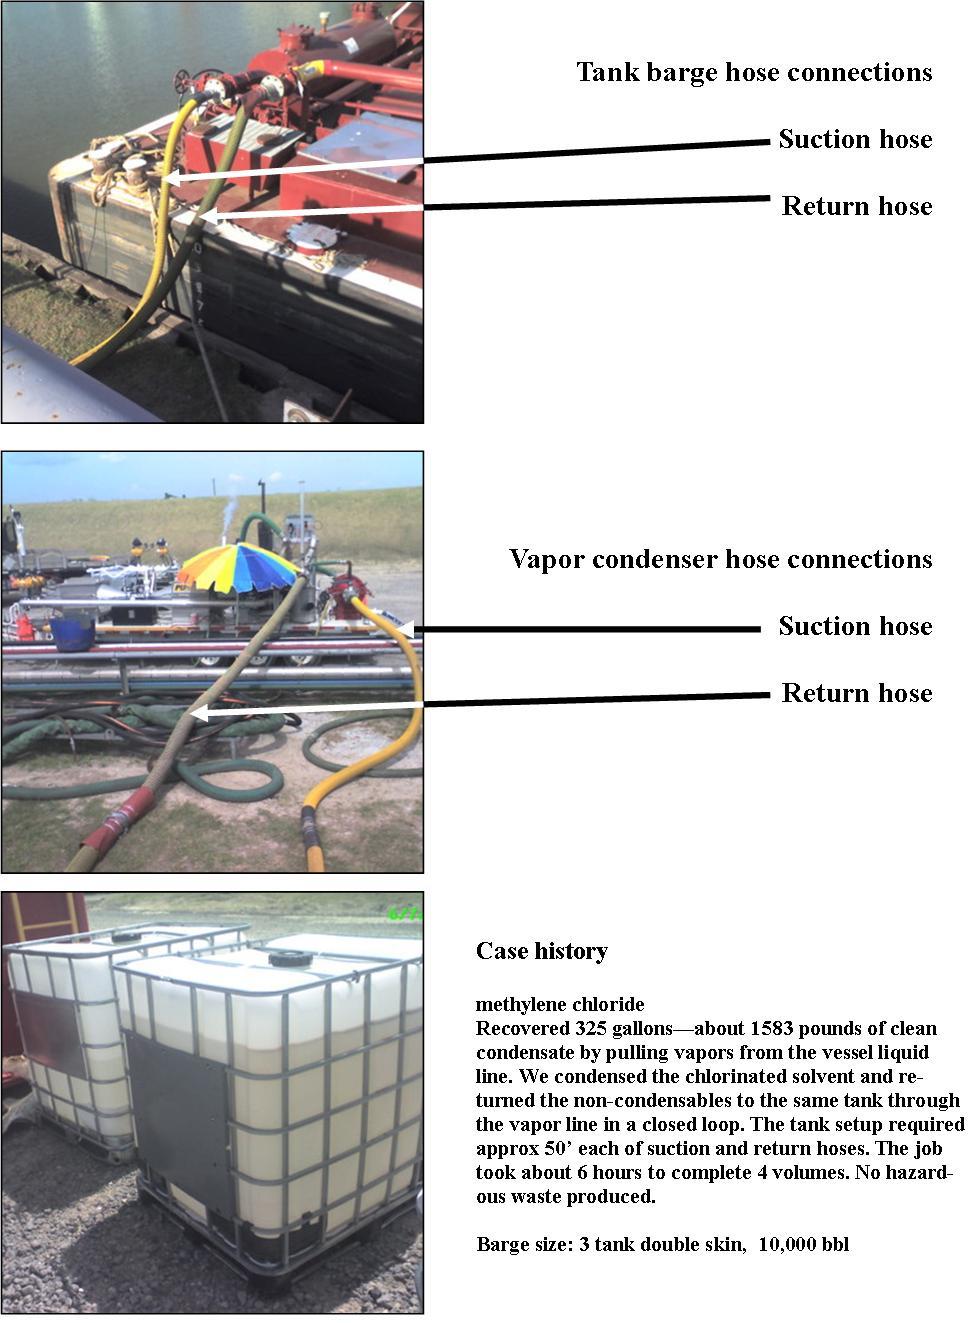 Purge degasses tank barges